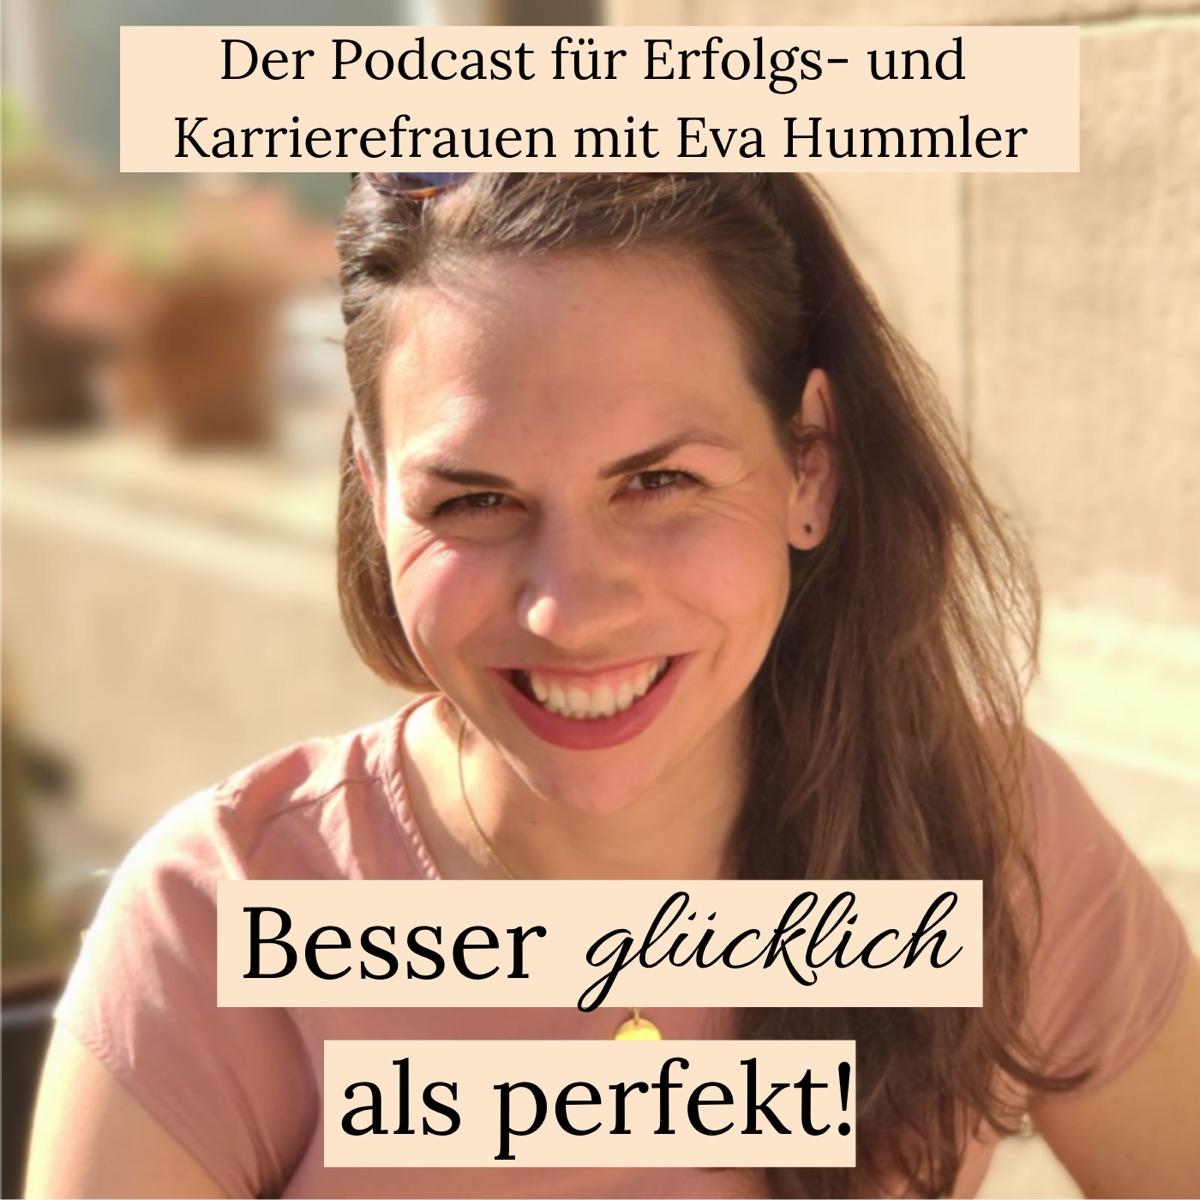 Besser glücklich als perfekt! Der Podcast für perfektionistische Frauen mit Verantwortung.